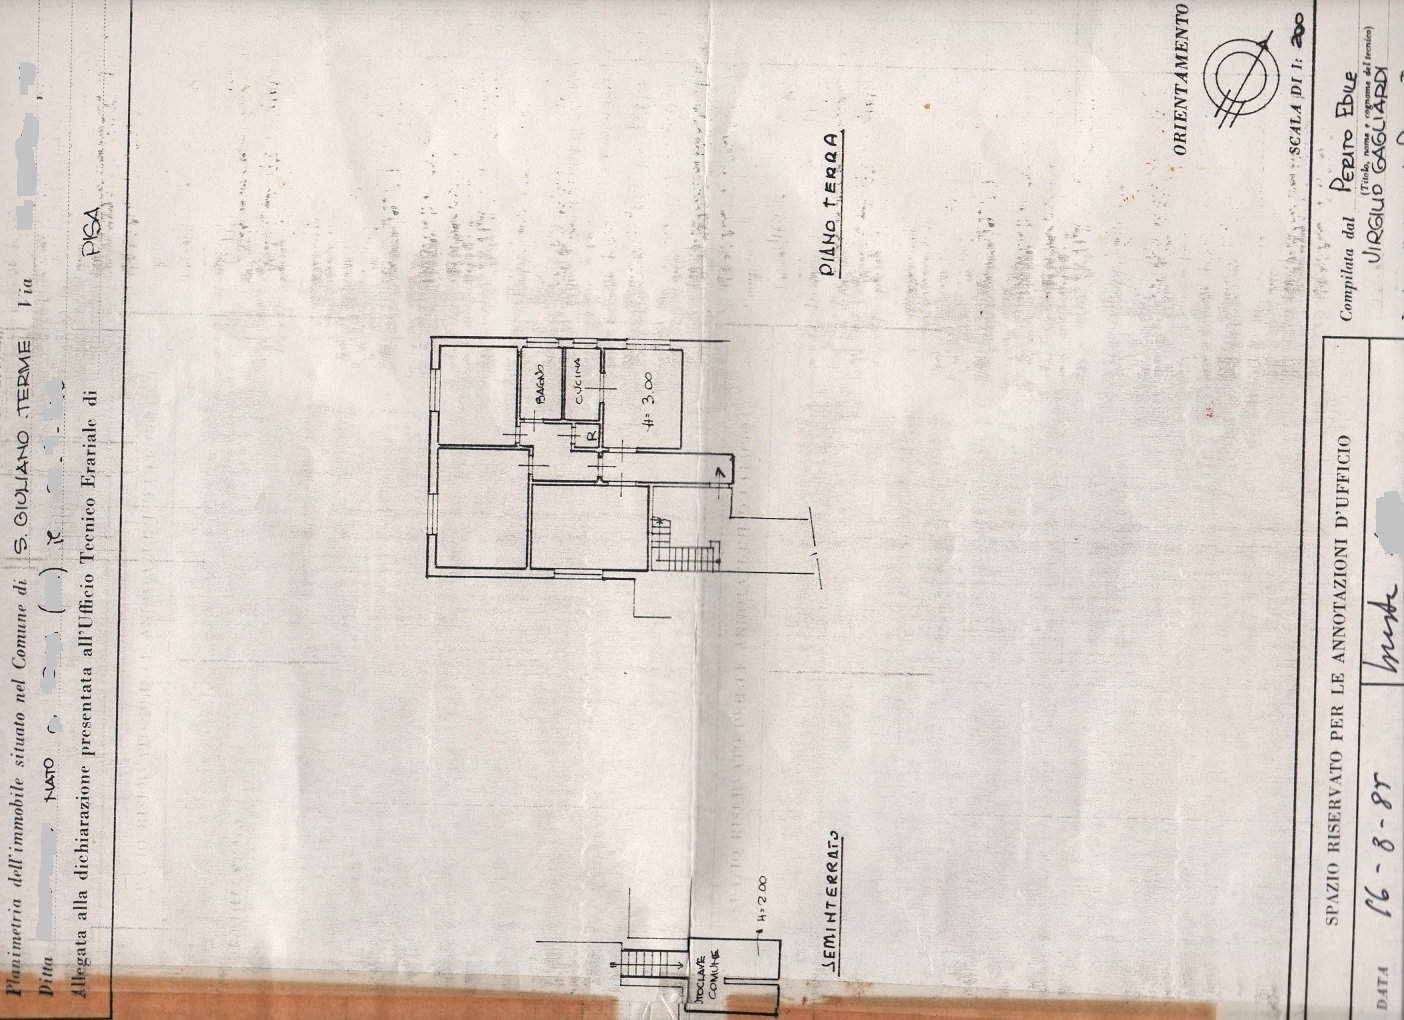 Planimetria /1 per rif. sd5156v